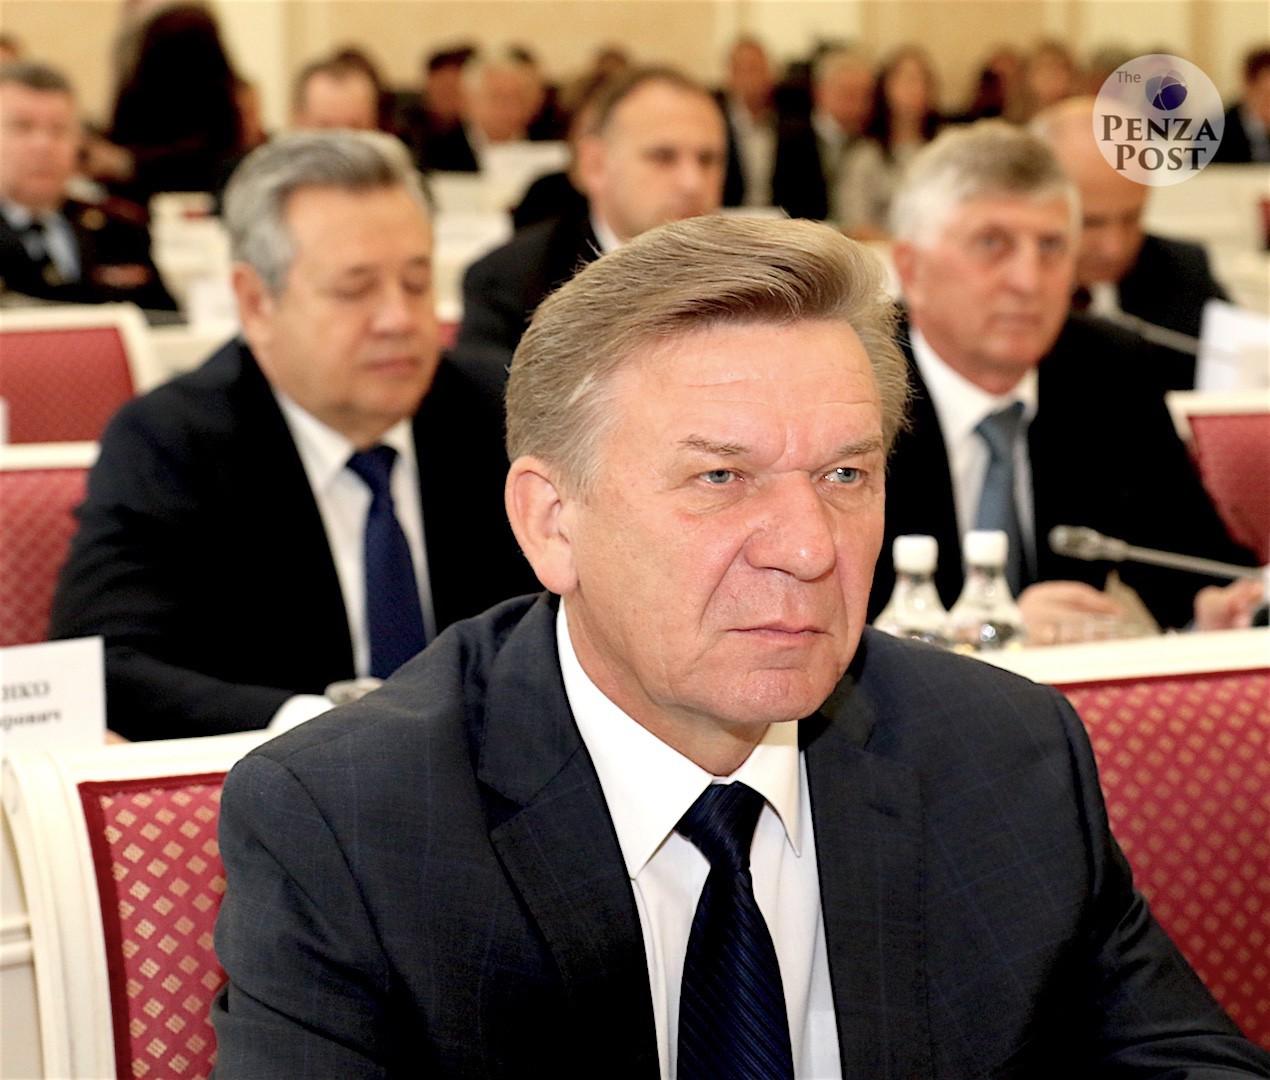 «Профсоюзогейт по-пензенски» версии Котов и Со попал в рейтинги «Петербургской политики» за сентябрь, снизив текущий рейтинг губернии